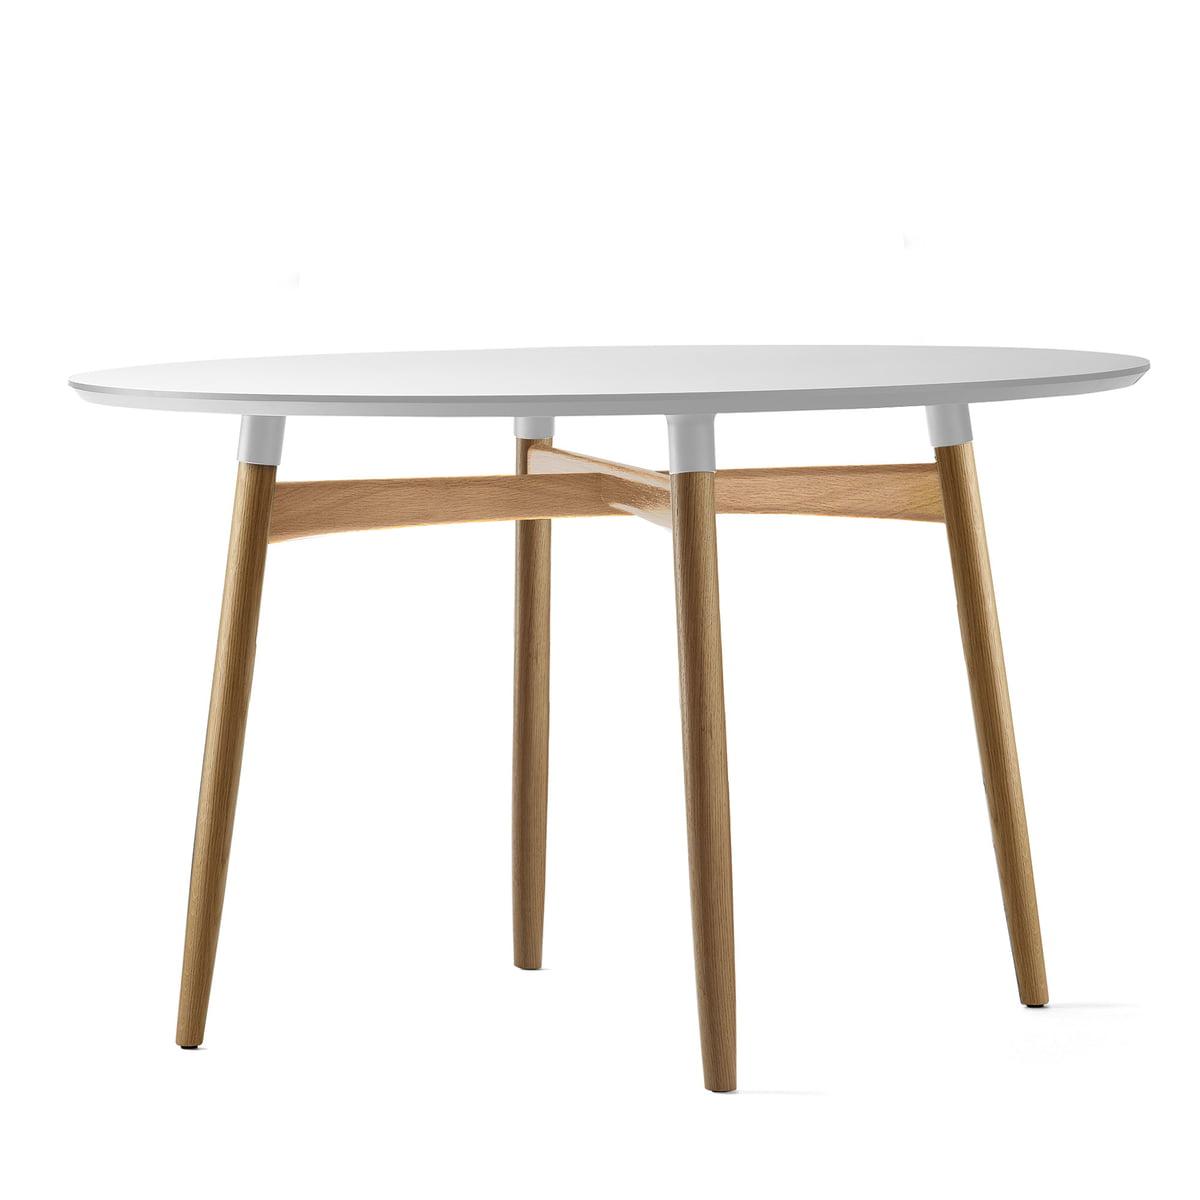 Esstisch rund weiß eiche  Carl Hansen - BA103 Preludia Esstisch Ø 120 cm, Laminat weiss / Eiche  lackiert